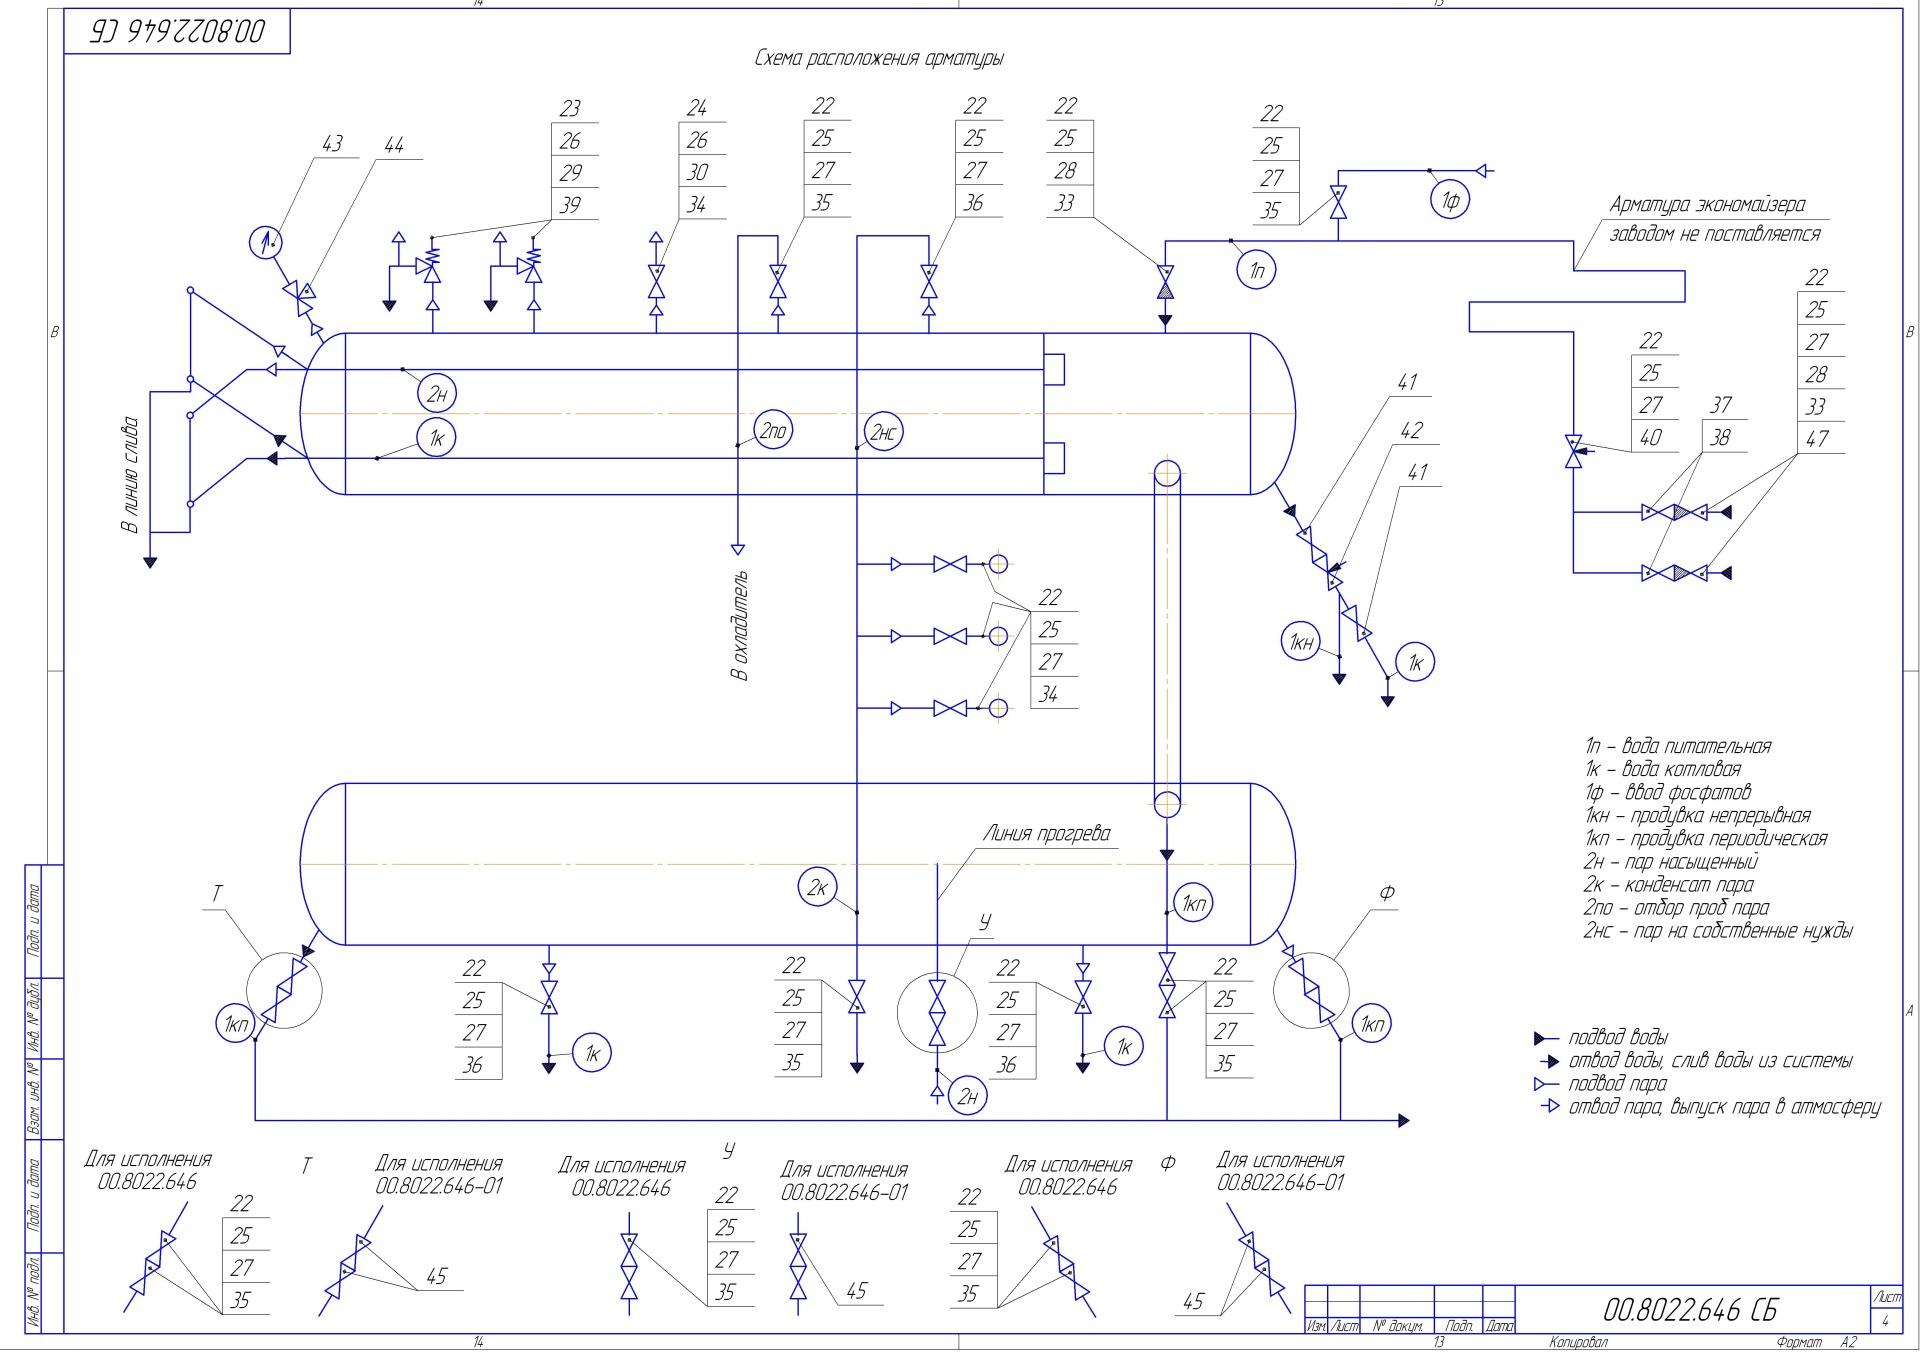 Технический отчет по пусконаладочным работам модульной котельной